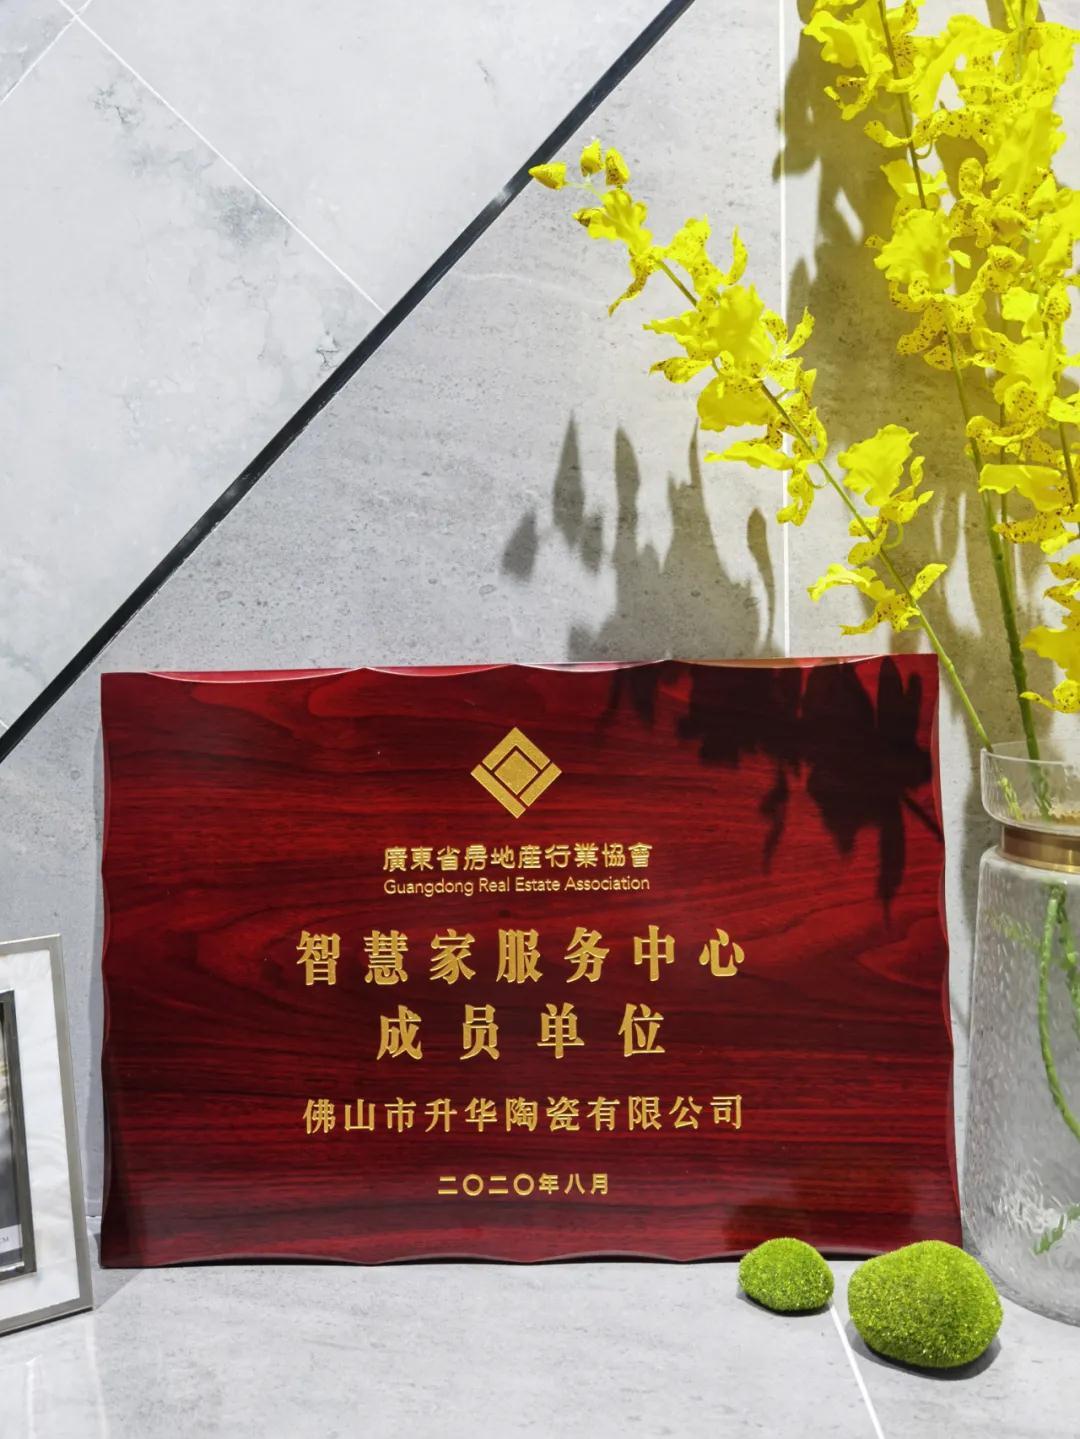 """【喜报】热烈祝贺升华陶瓷当选""""智慧家服务中心成员单位""""!"""